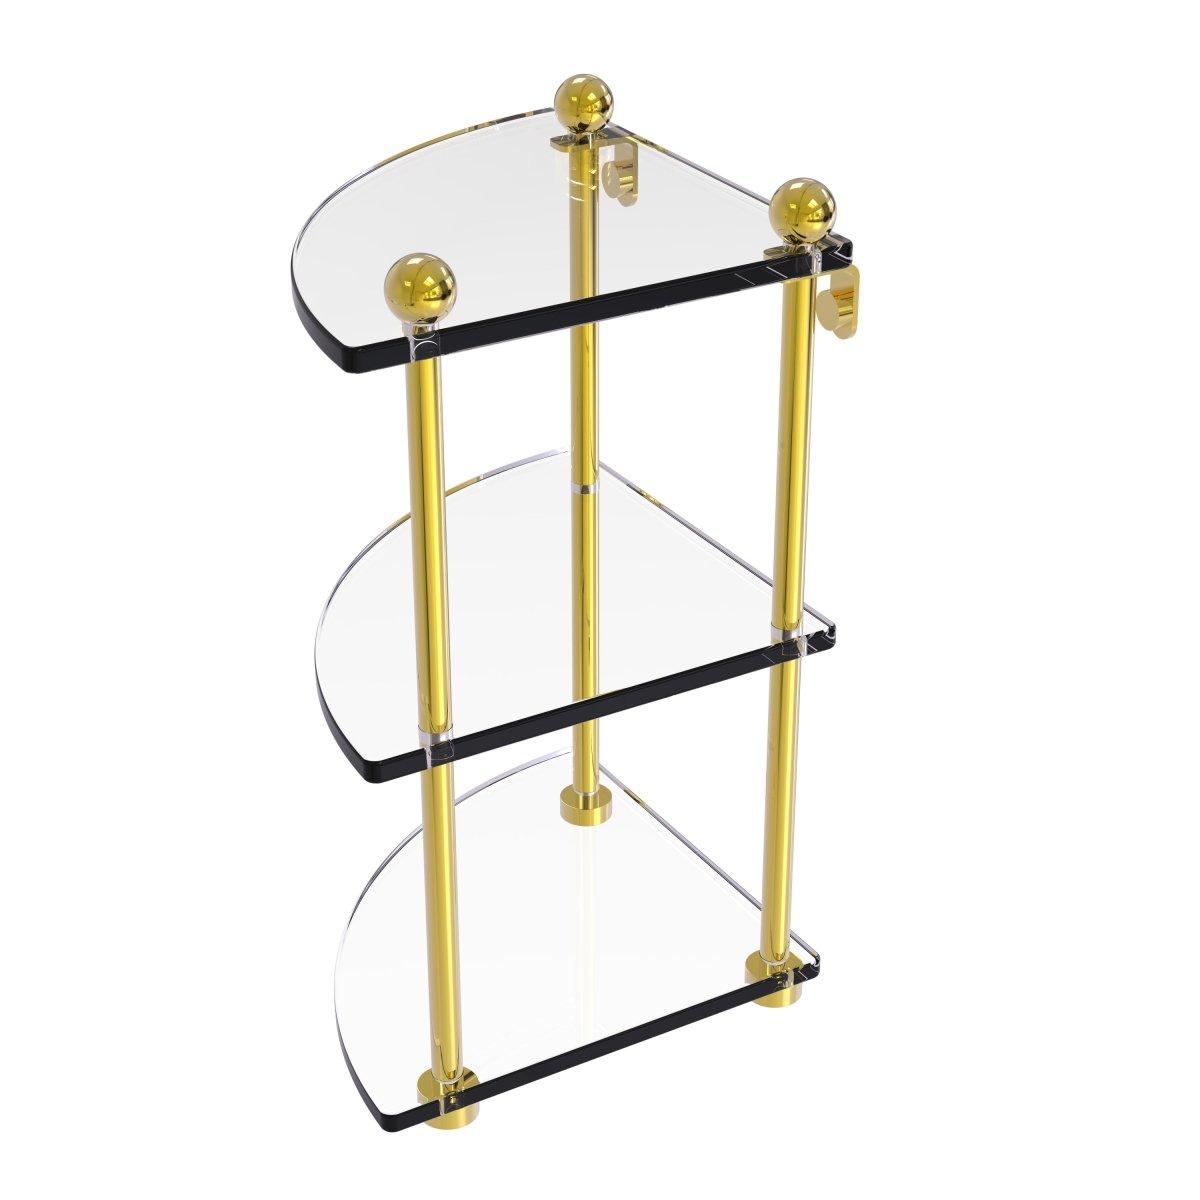 Allied真鍮3階層コーナーガラス棚 PR-6-UNL B01N2WMO5X ラッカーなし真鍮 ラッカーなし真鍮